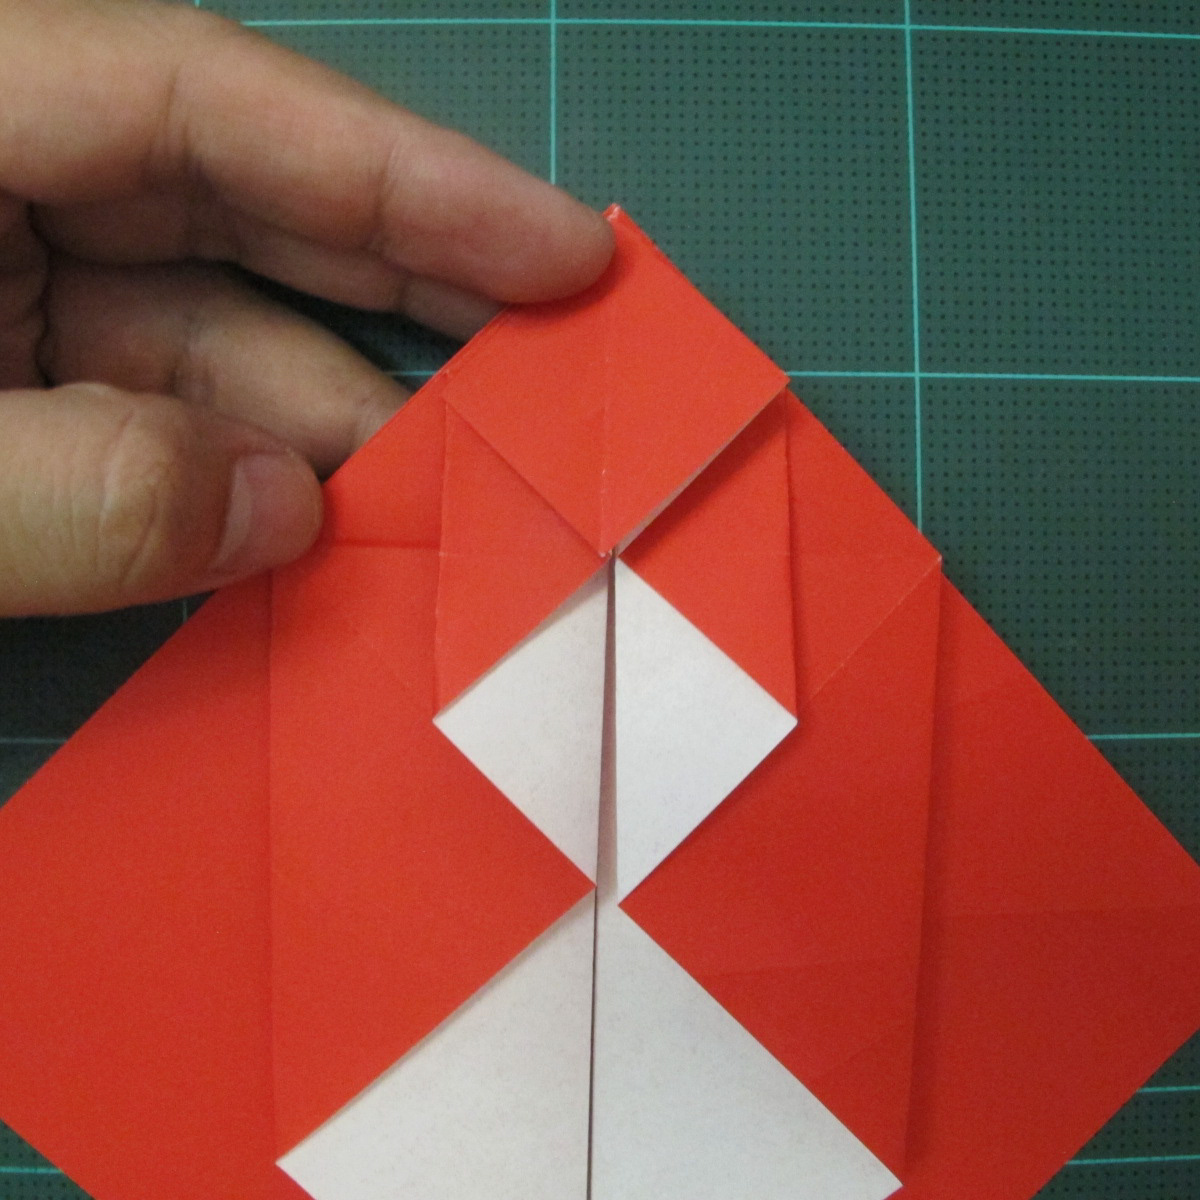 การพับกระดาษเป็นรูปสัตว์ประหลาดก็อตซิล่า (Origami Gozzila) 014